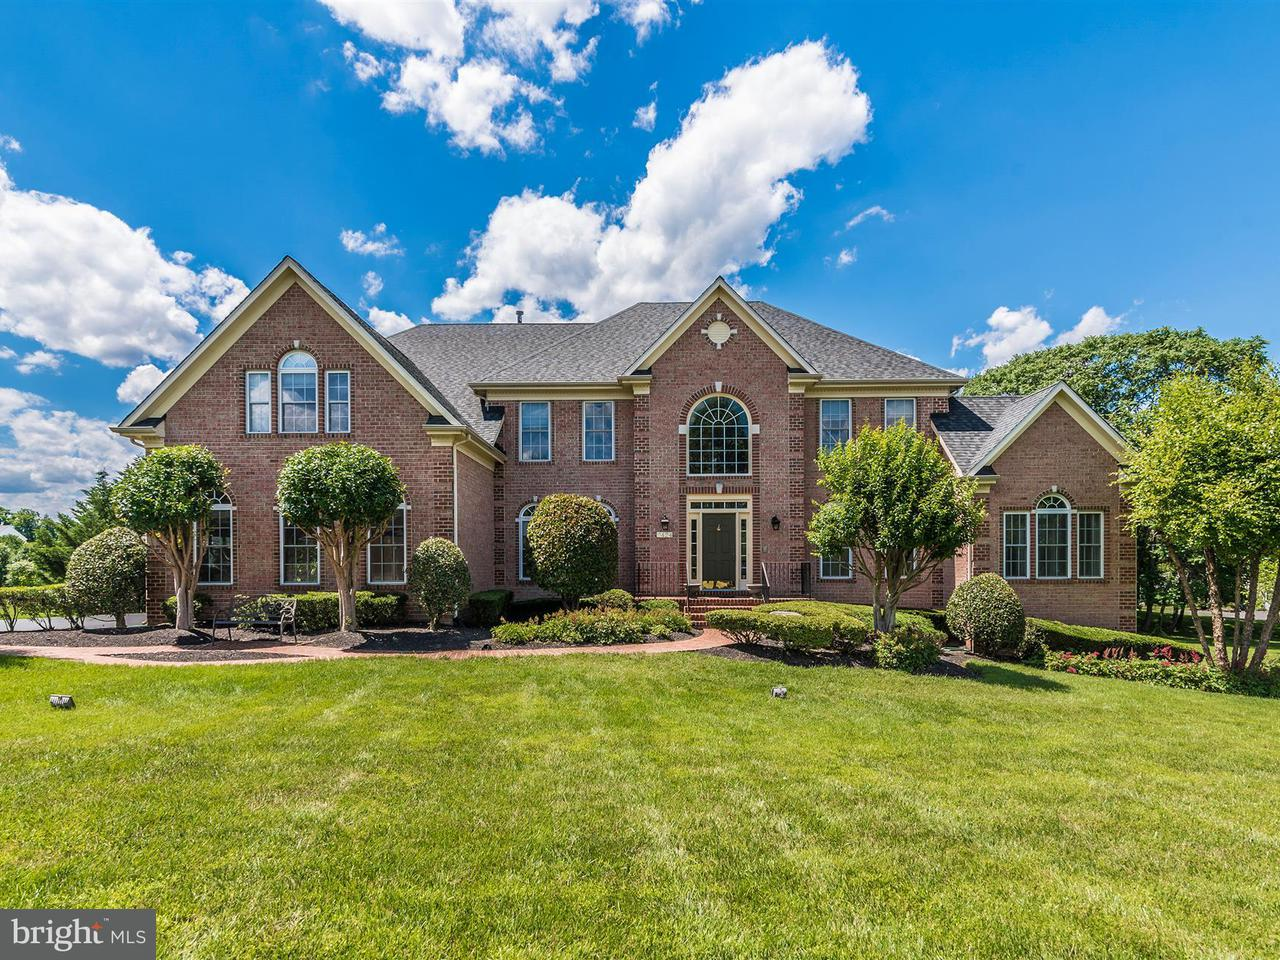 獨棟家庭住宅 為 出售 在 2424 Sapling Ridge Lane 2424 Sapling Ridge Lane Brookeville, 馬里蘭州 20833 美國